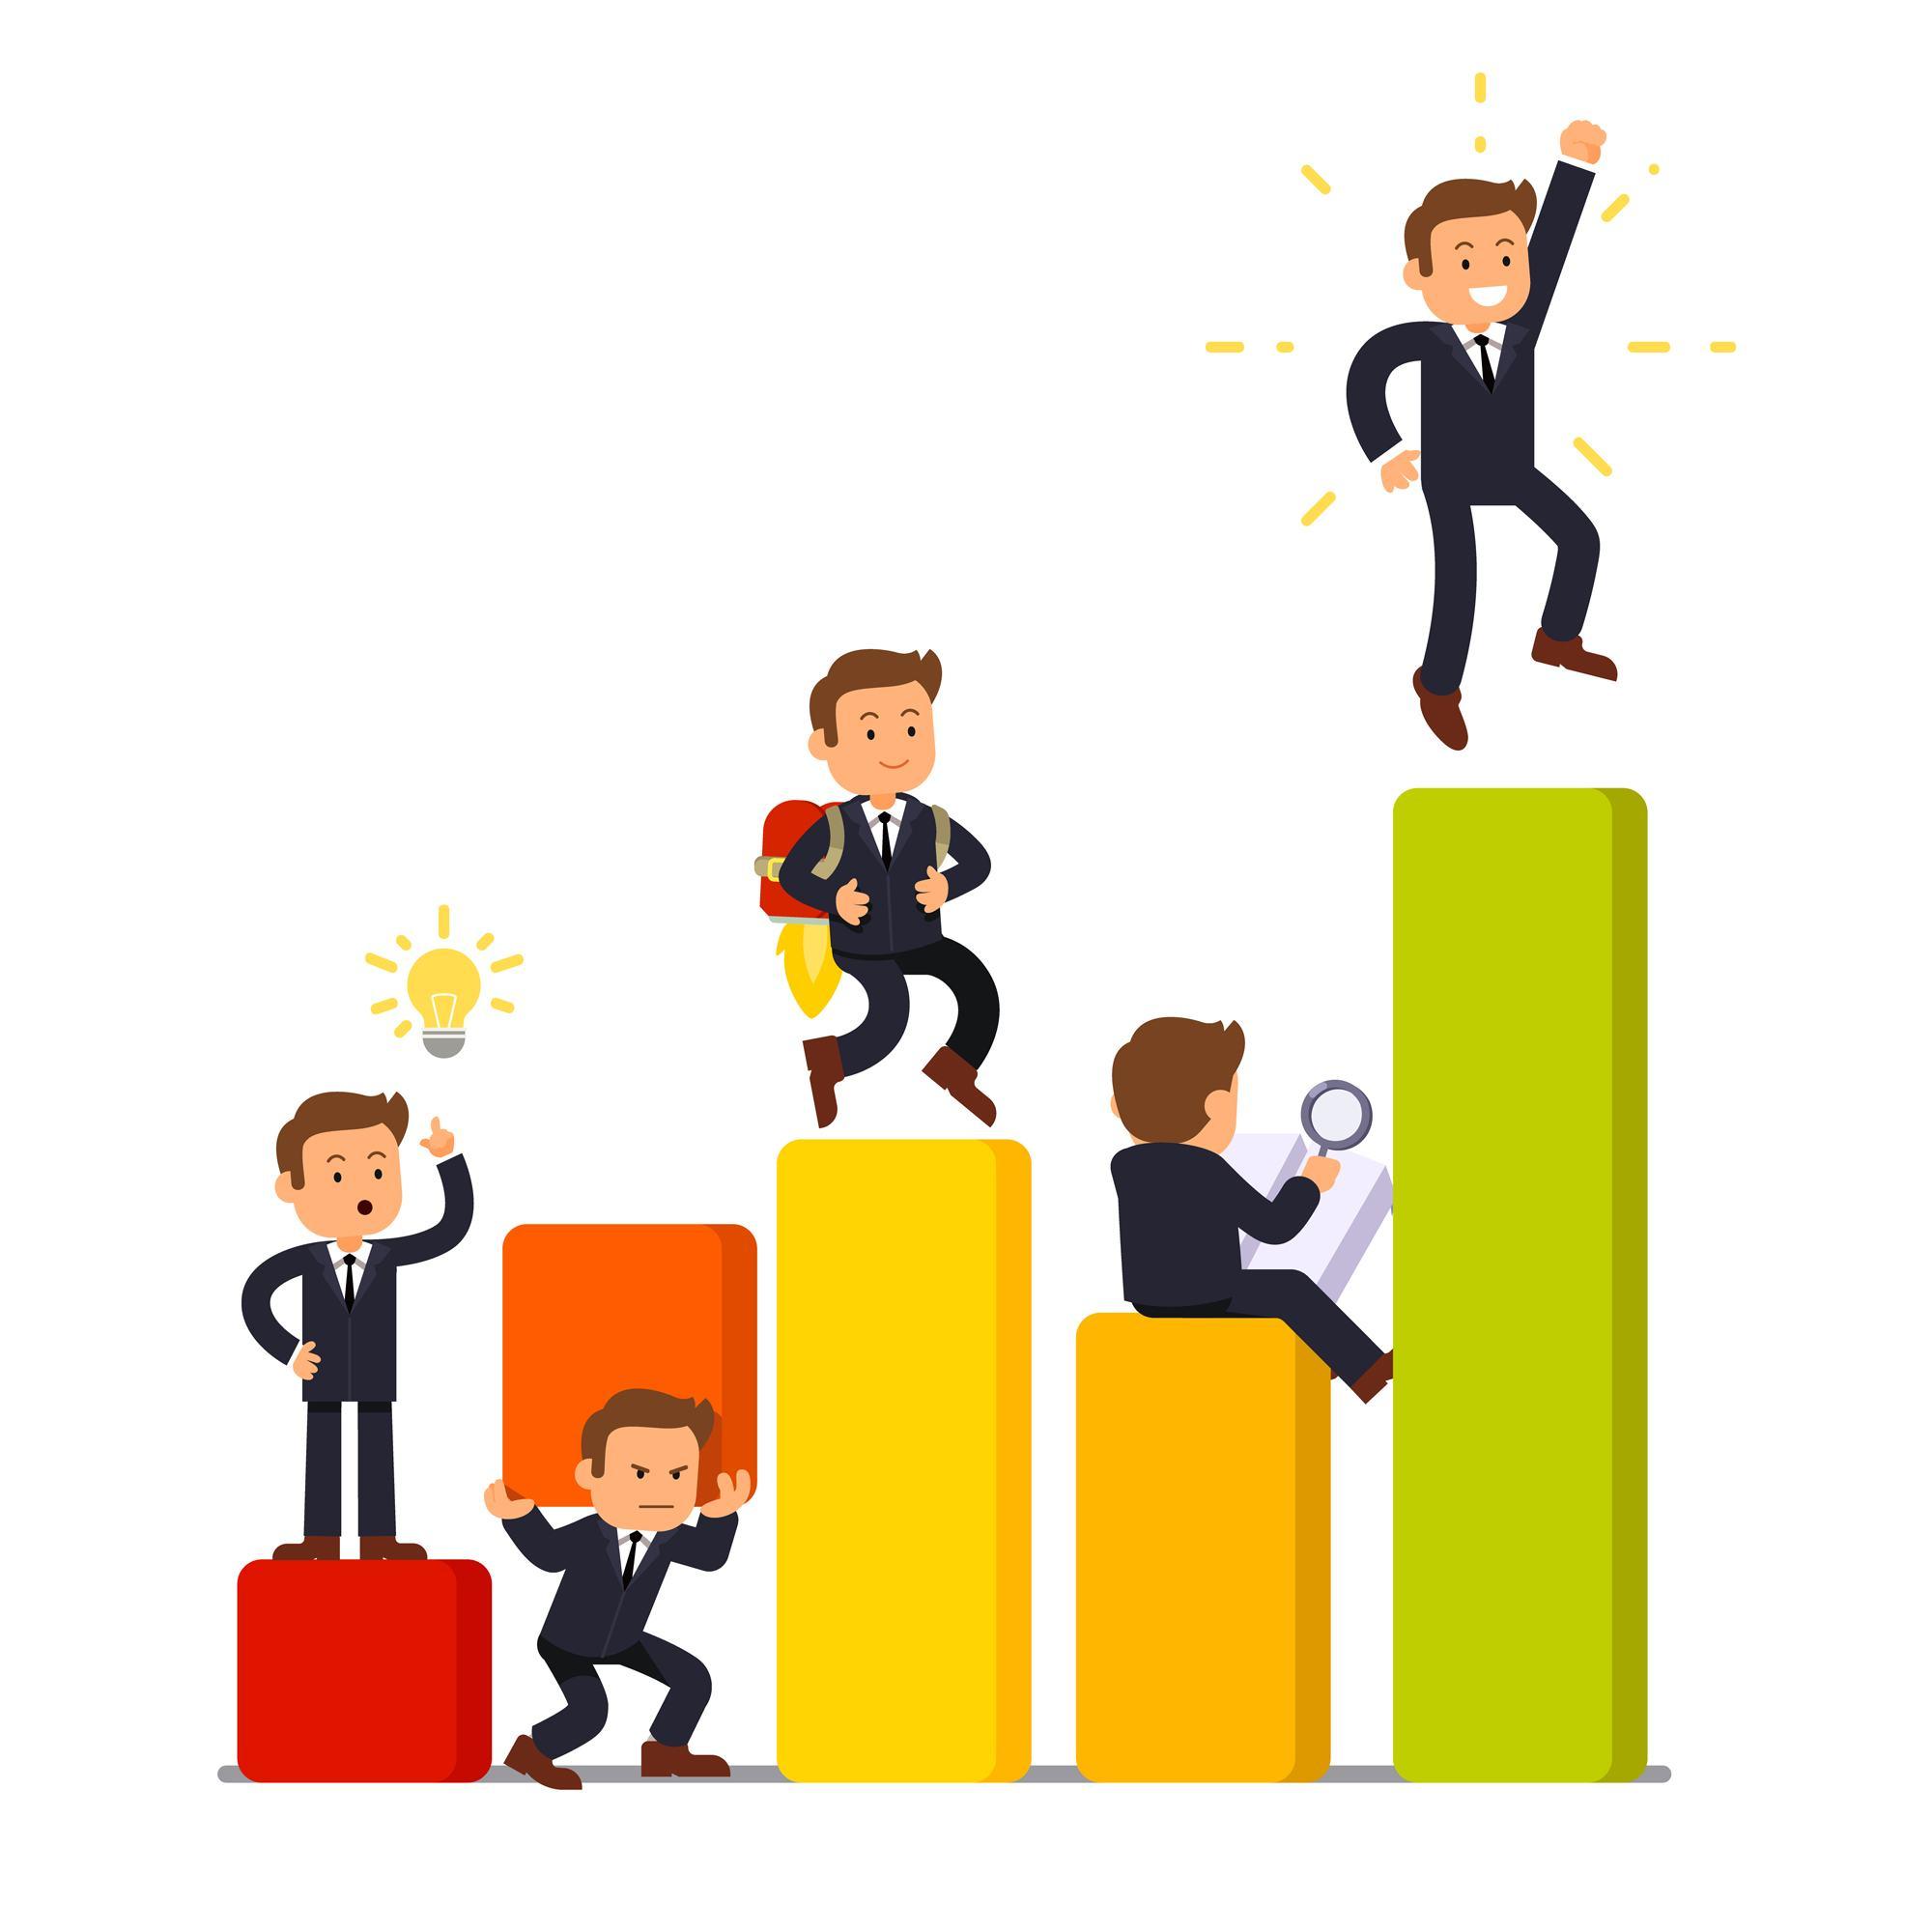 636 - 40 câu hỏi dành cho doanh nghiệp khi khởi nghiệp khởi sự kinh doanh